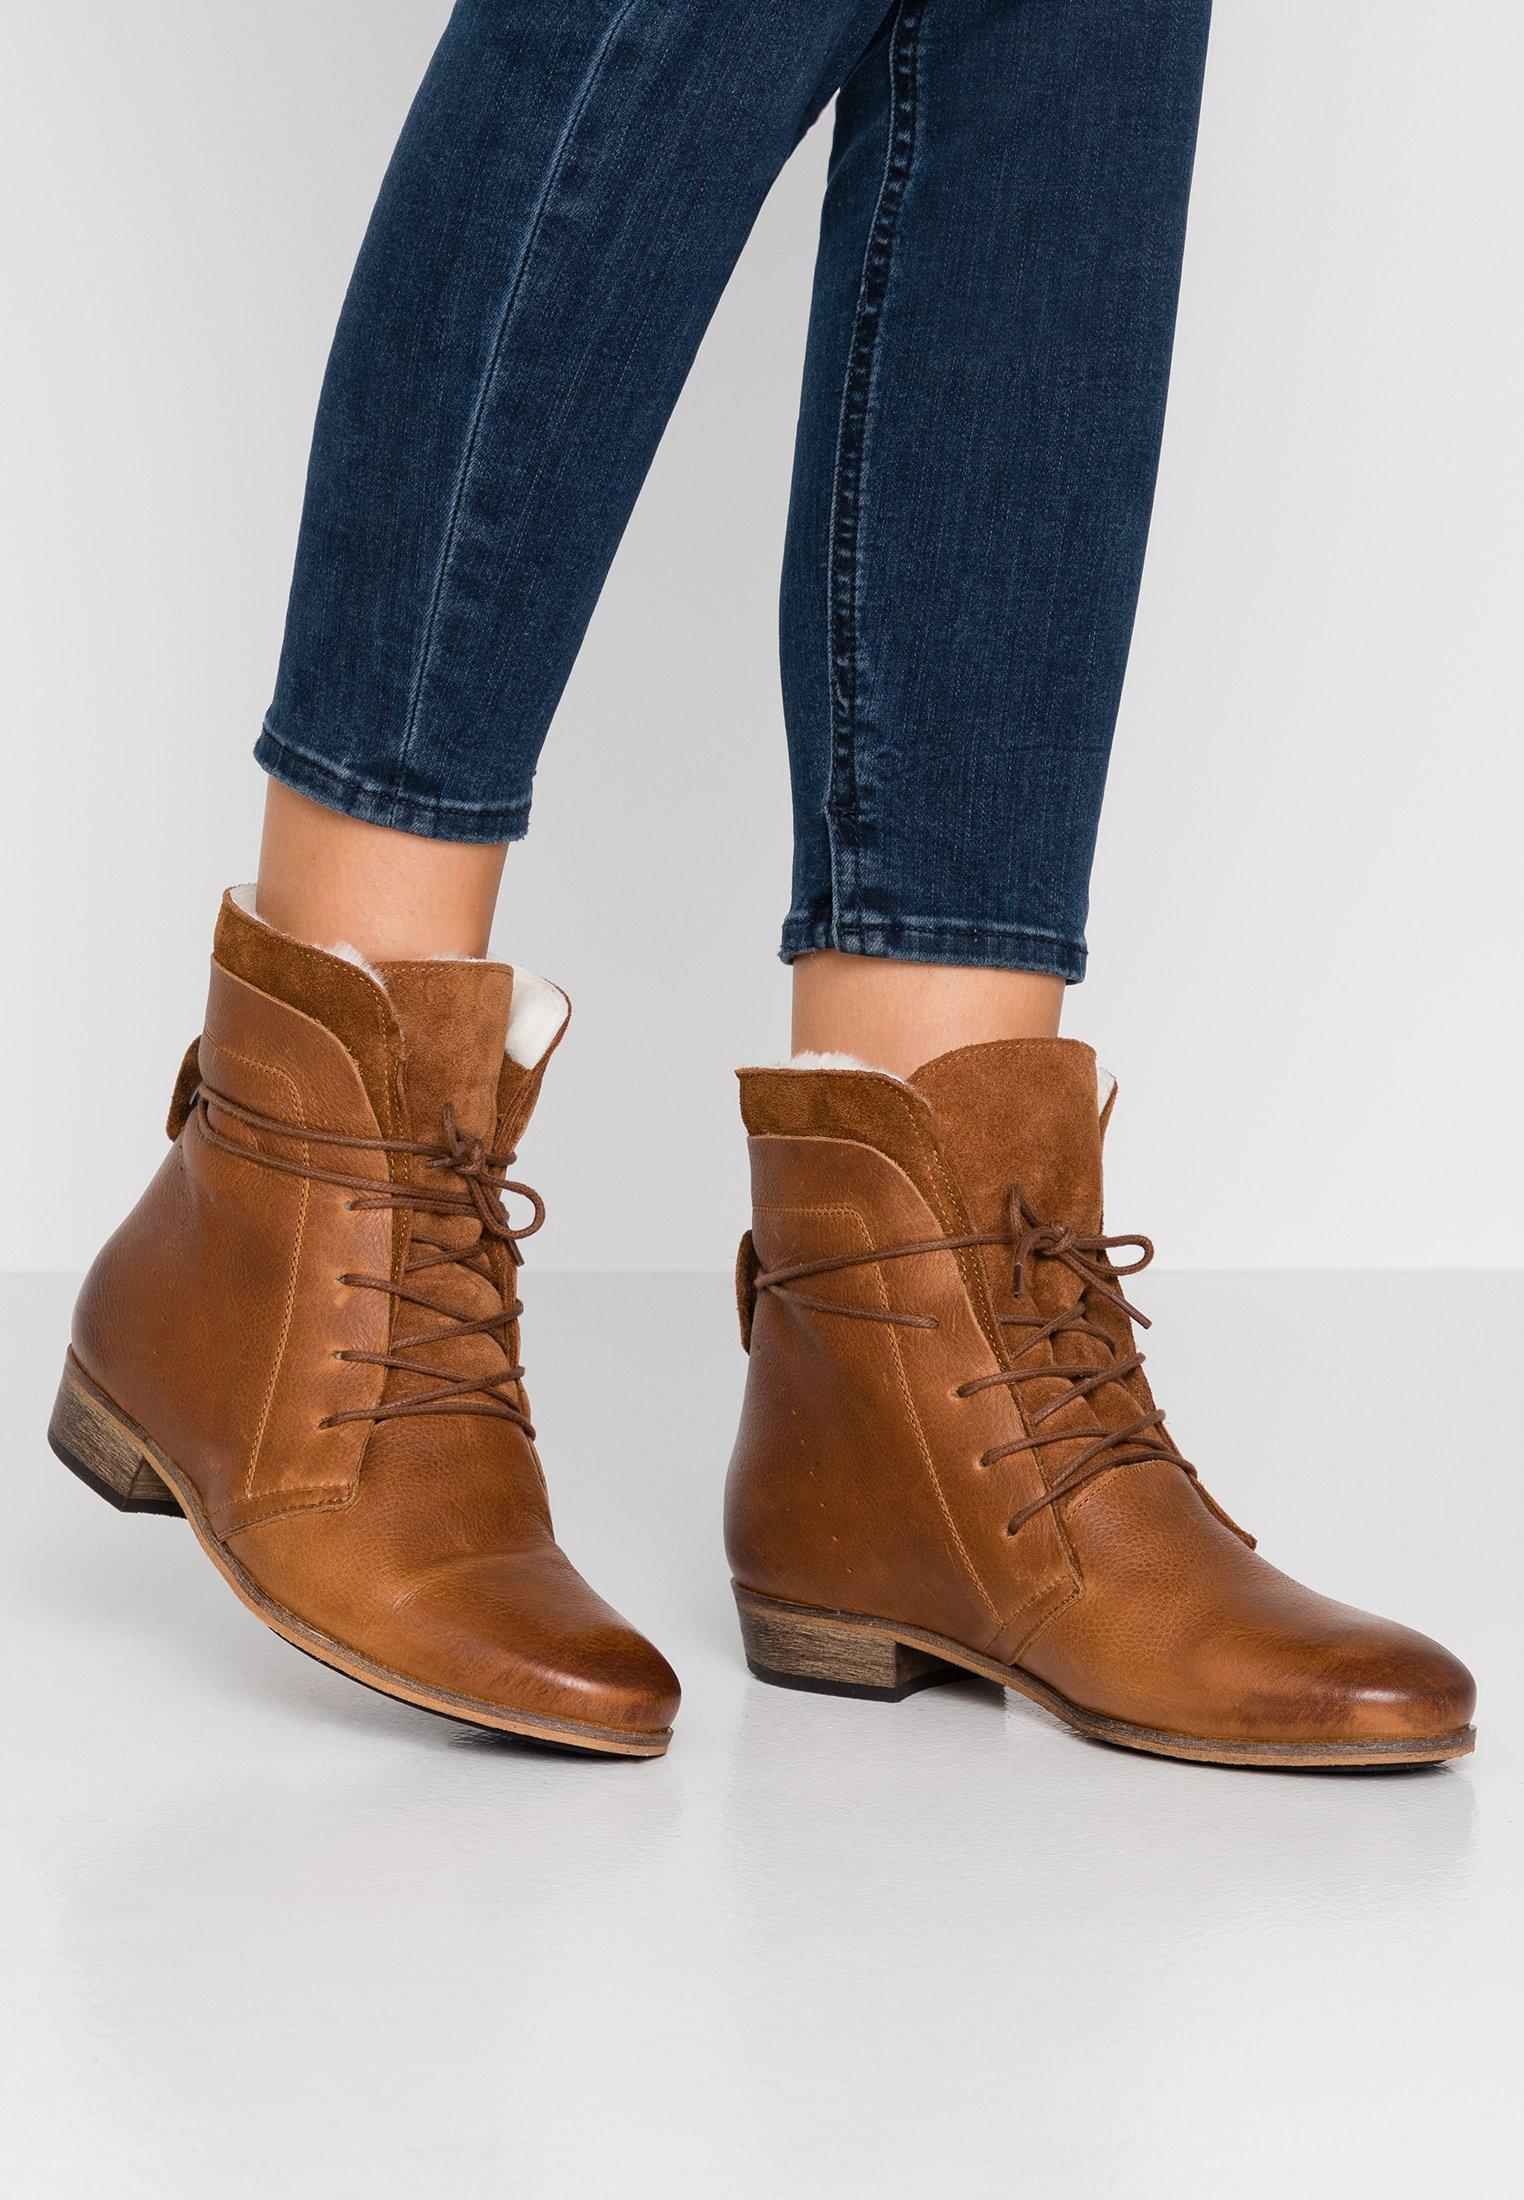 HUB Schuhe versandkostenfrei bei Zalando bestellen | HUB